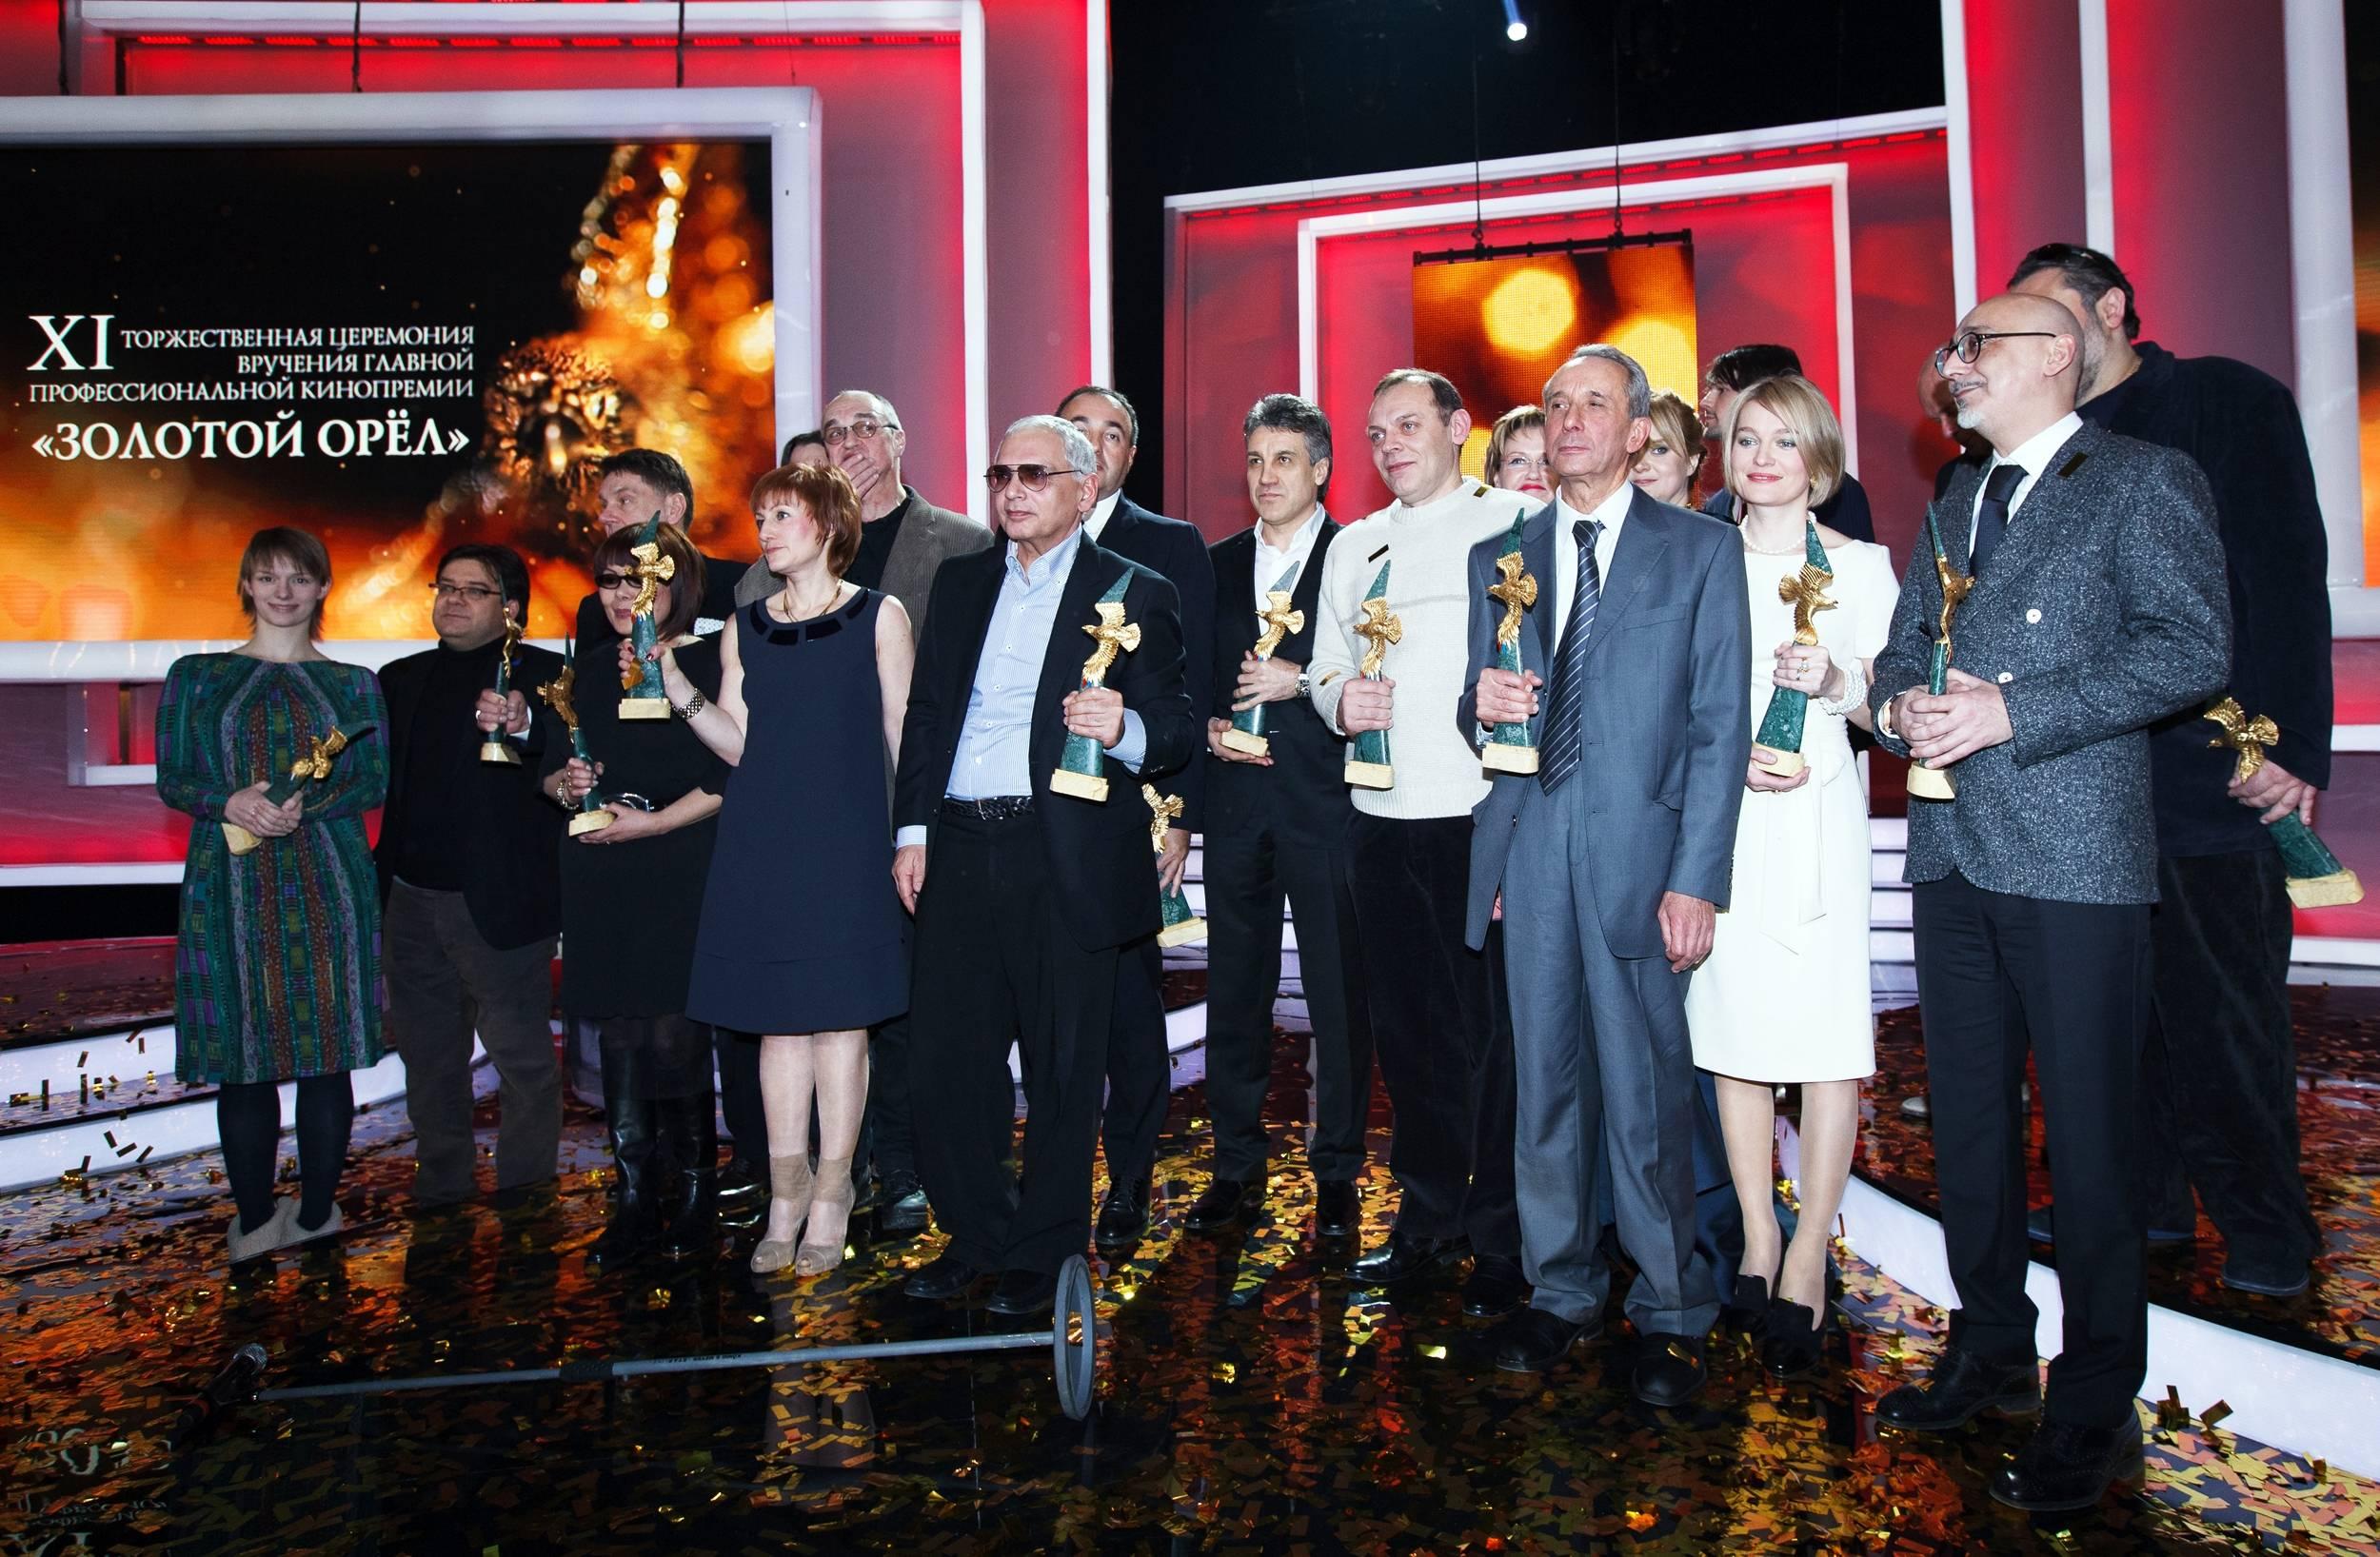 набережной калининграде премия орел фото европейских